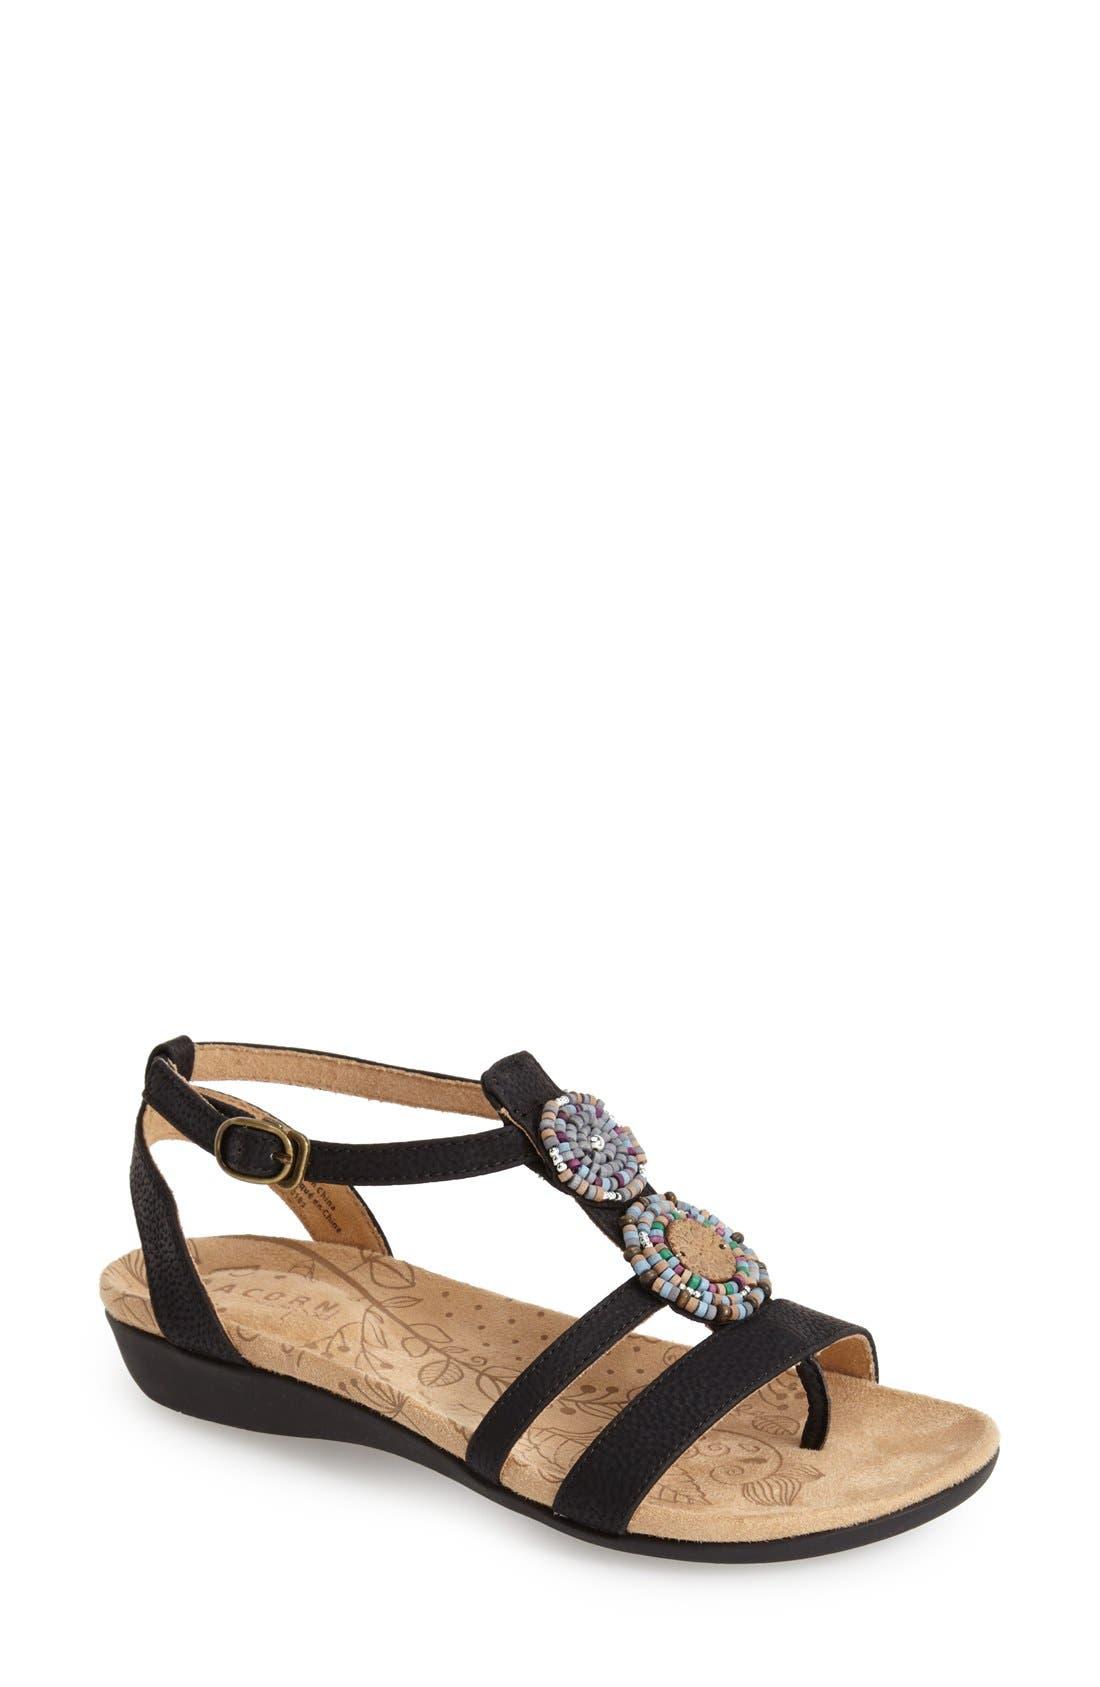 Alternate Image 1 Selected - Acorn Ankle Strap Sandal (Women)